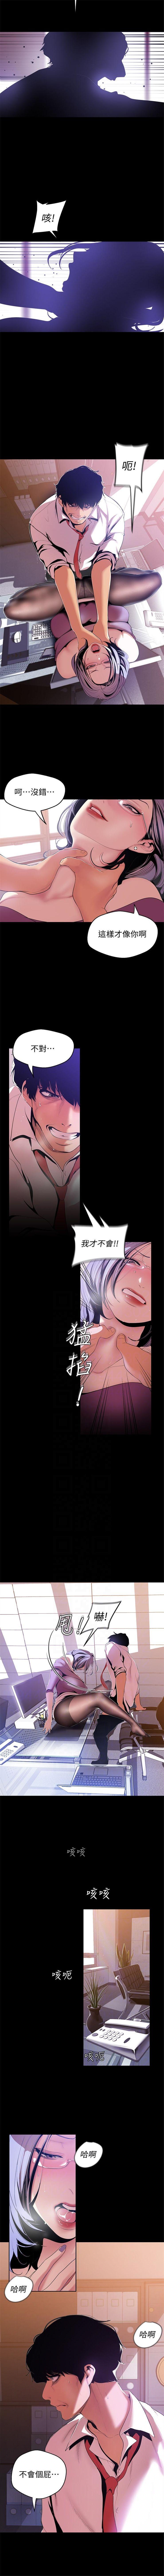 (周6)美丽新世界 1-61 中文翻译 (更新中) 428